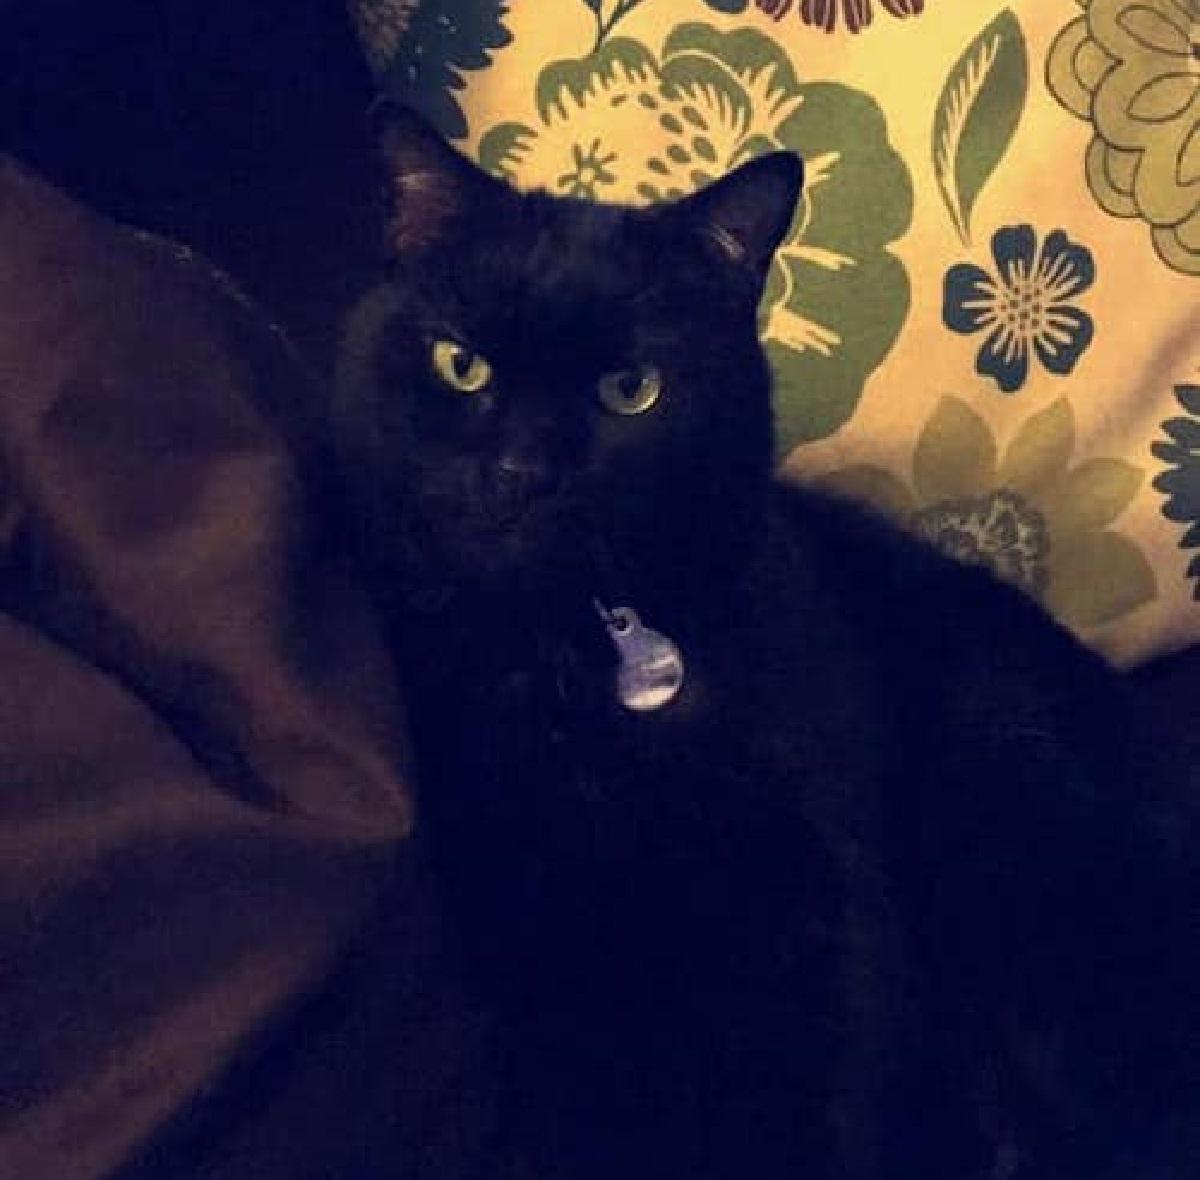 artemis gattino famiglia denuncia scomparsa